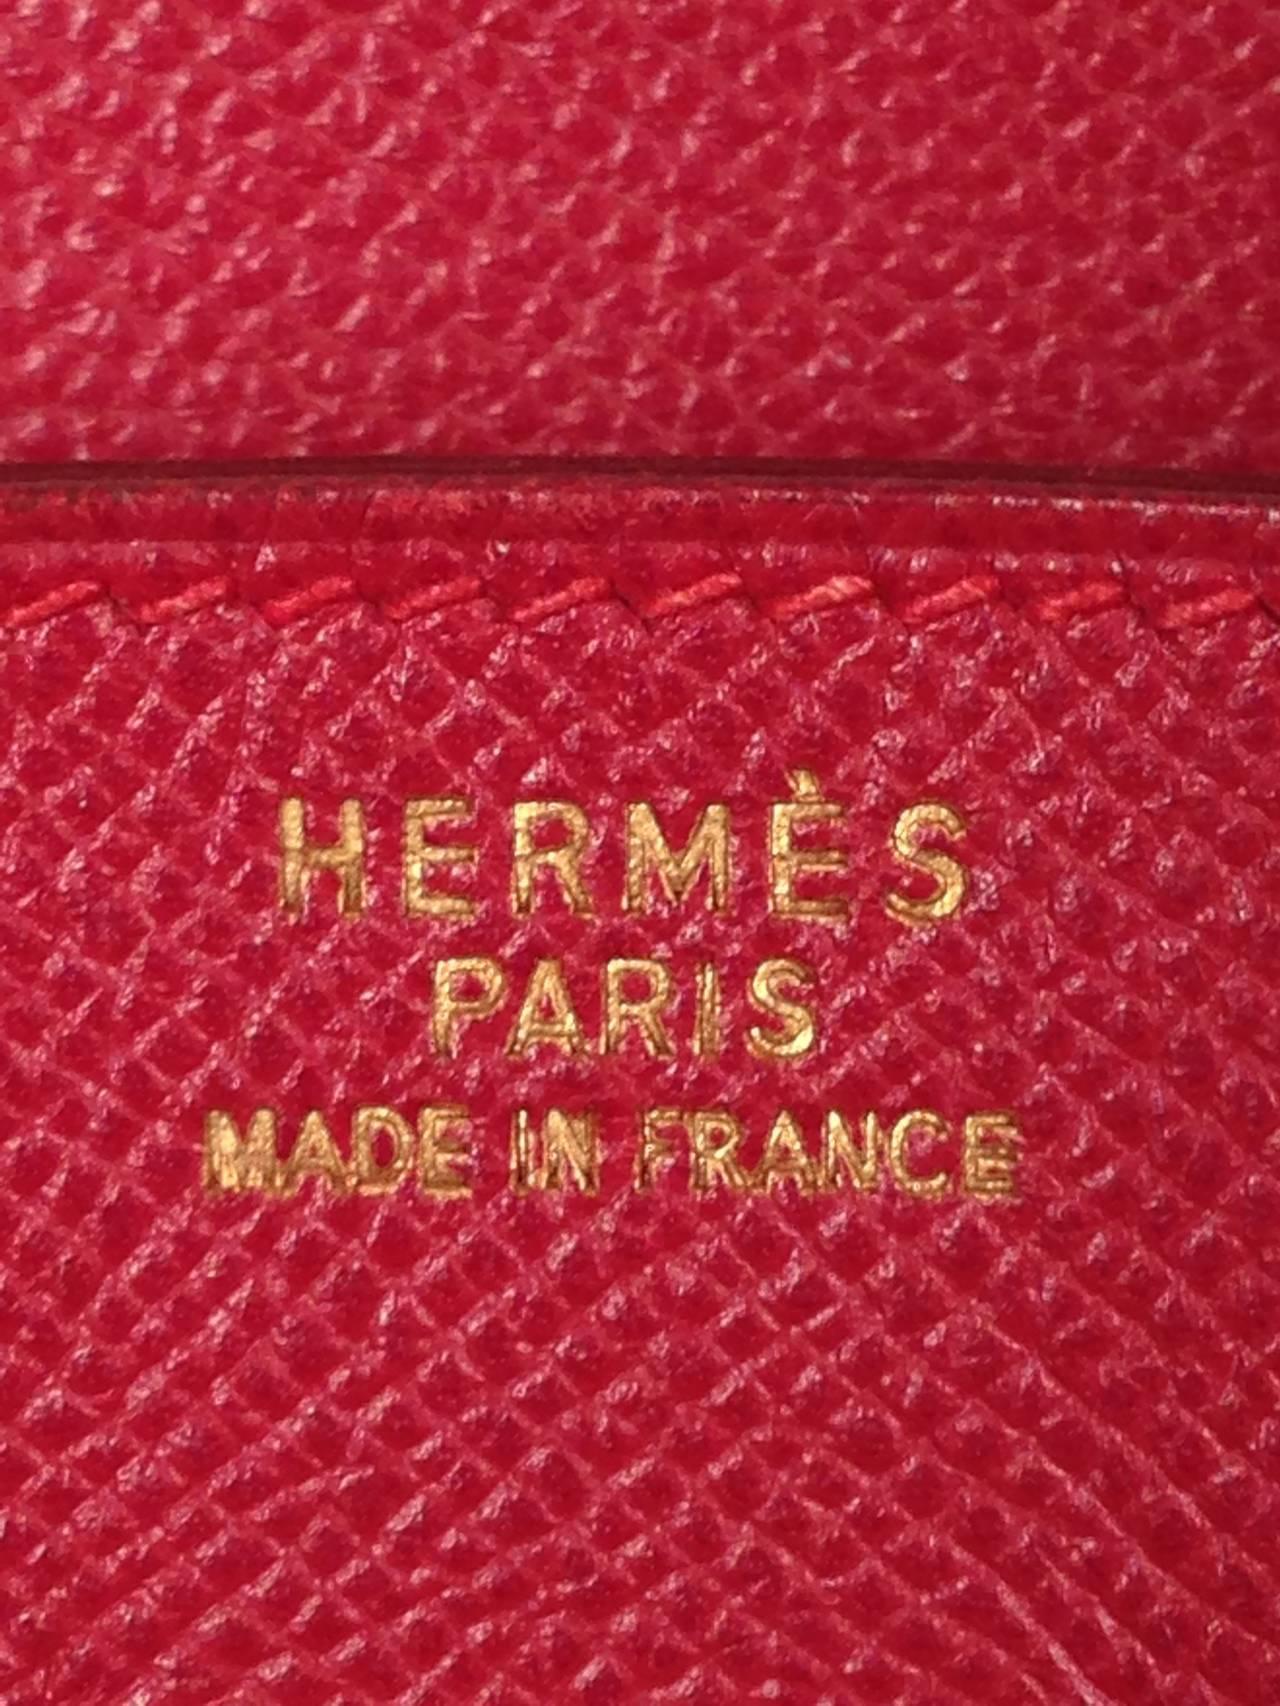 sac hermes birkin orange - hermes kelly hermes red gold satchel rouge